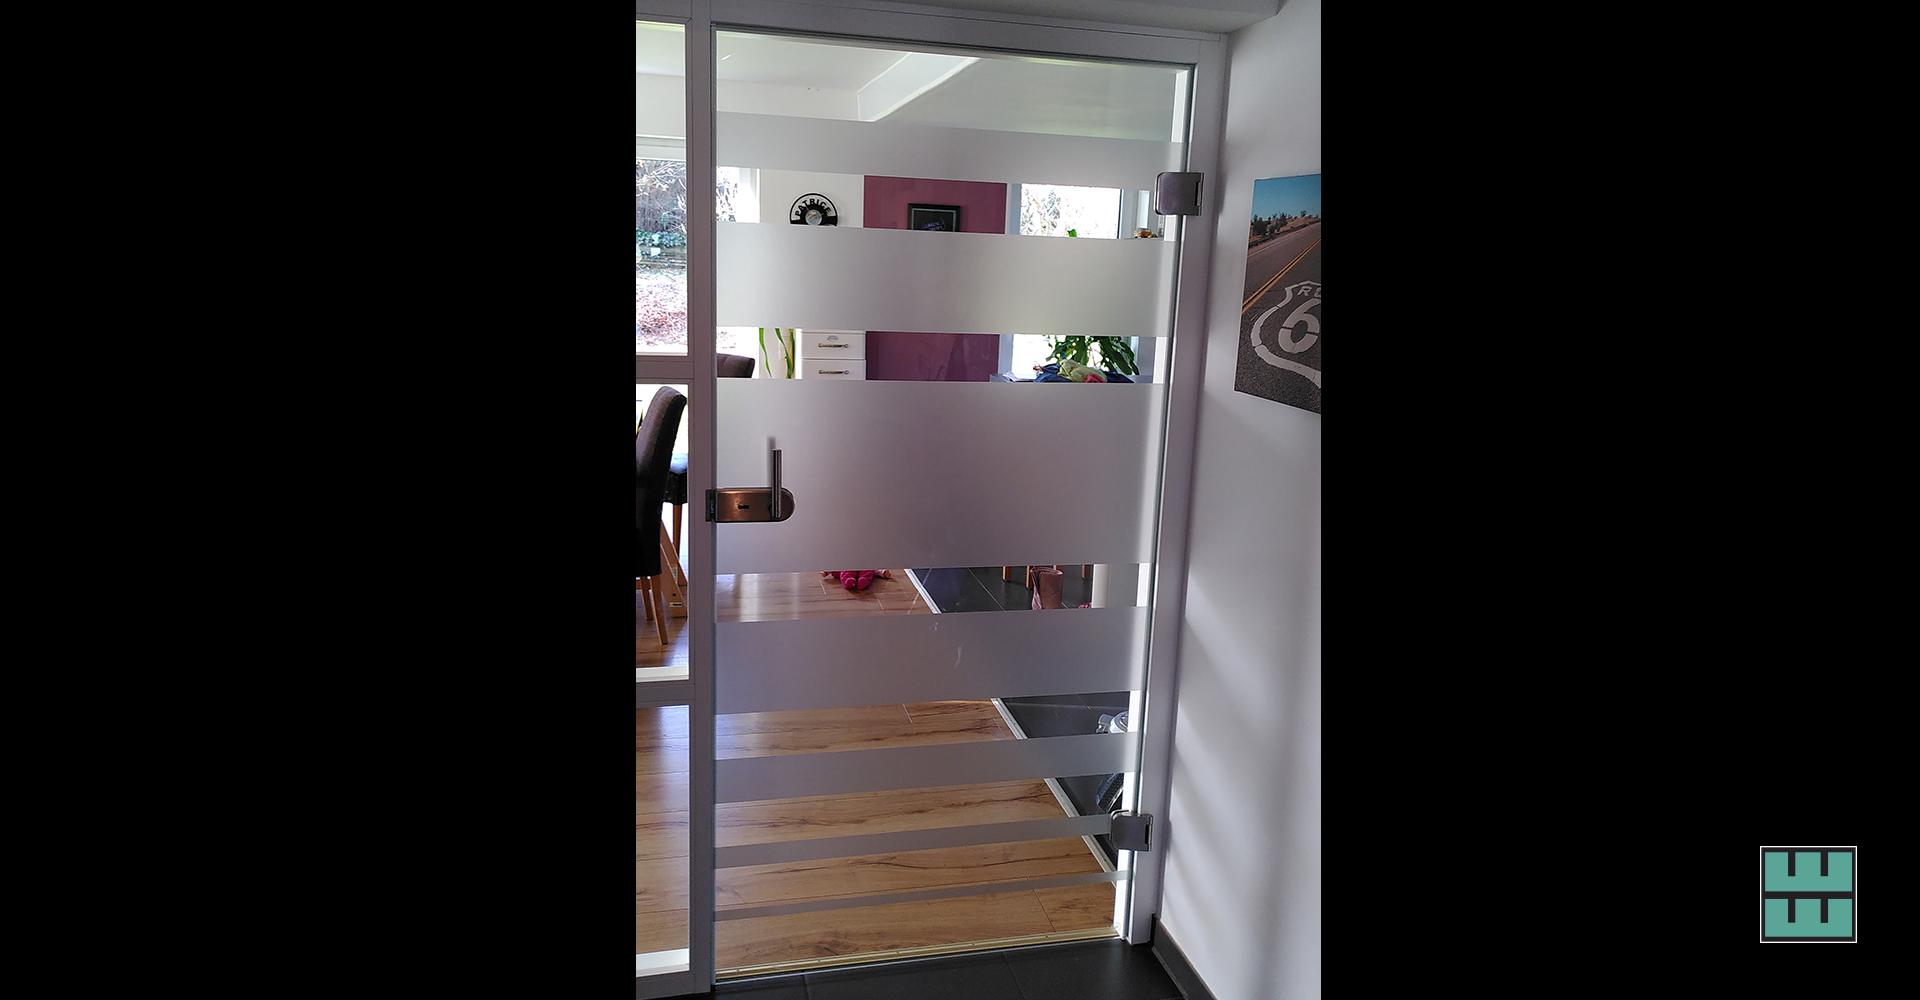 3 Ideen, wie Sie Ihr Büro oder Ihre Wohnung verschönern können Weber Werbung Delligsen Sichtschutz Glastür